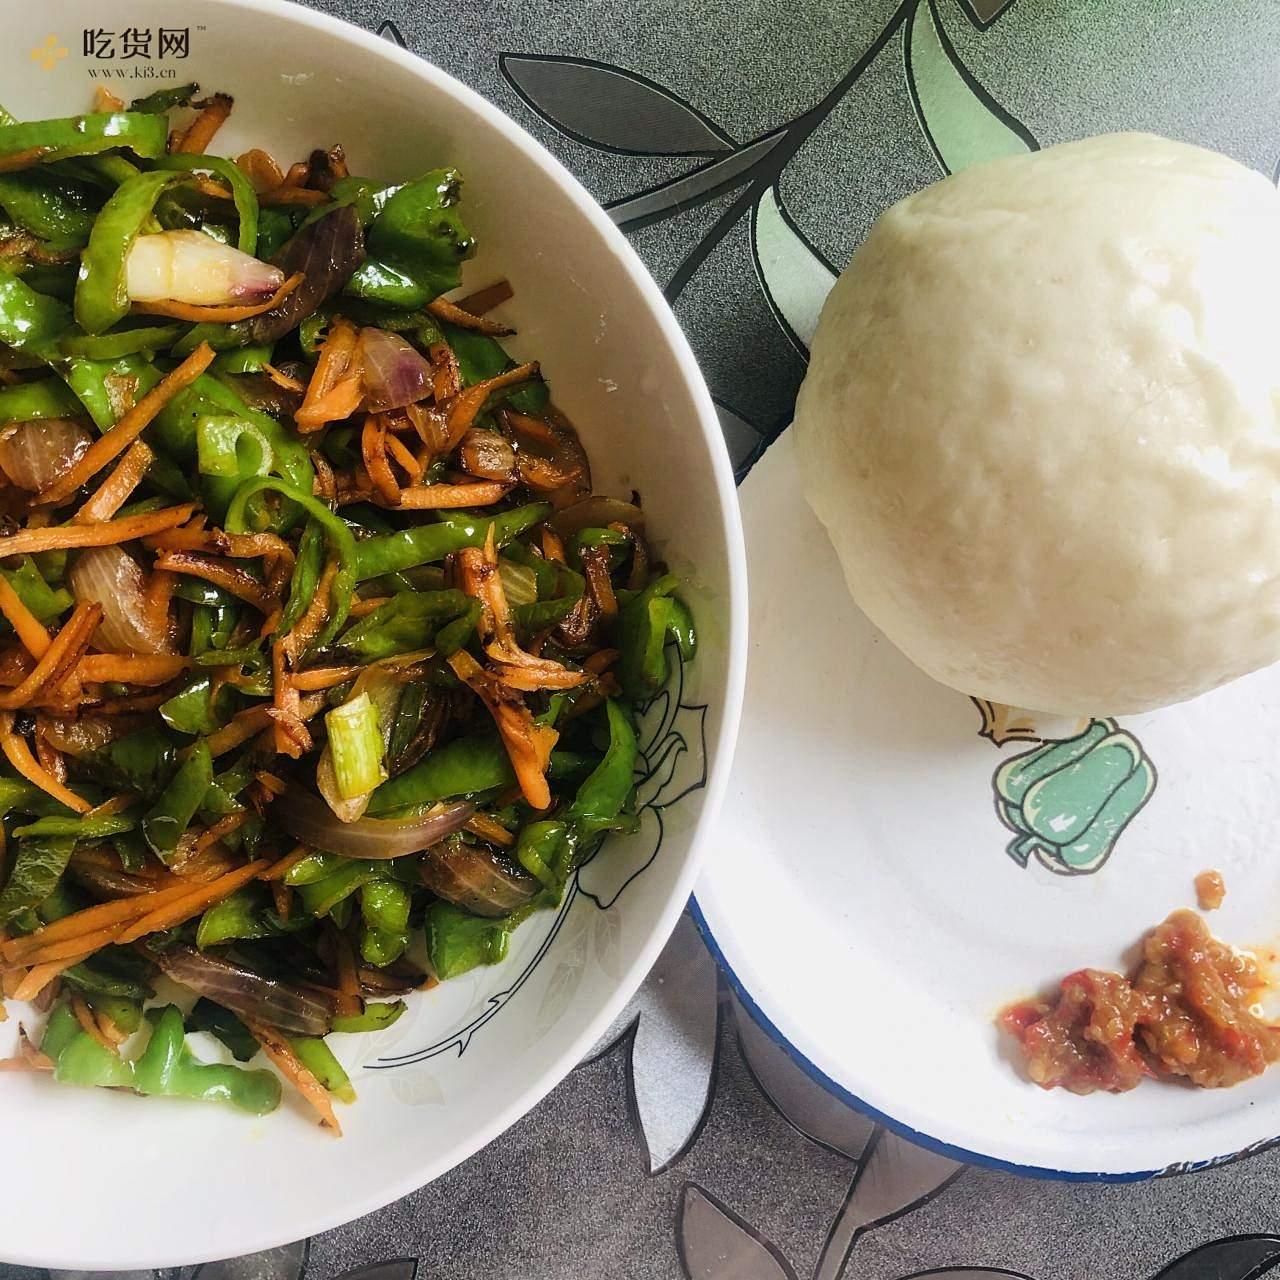 减肥餐-红萝卜炒青椒的做法 步骤12